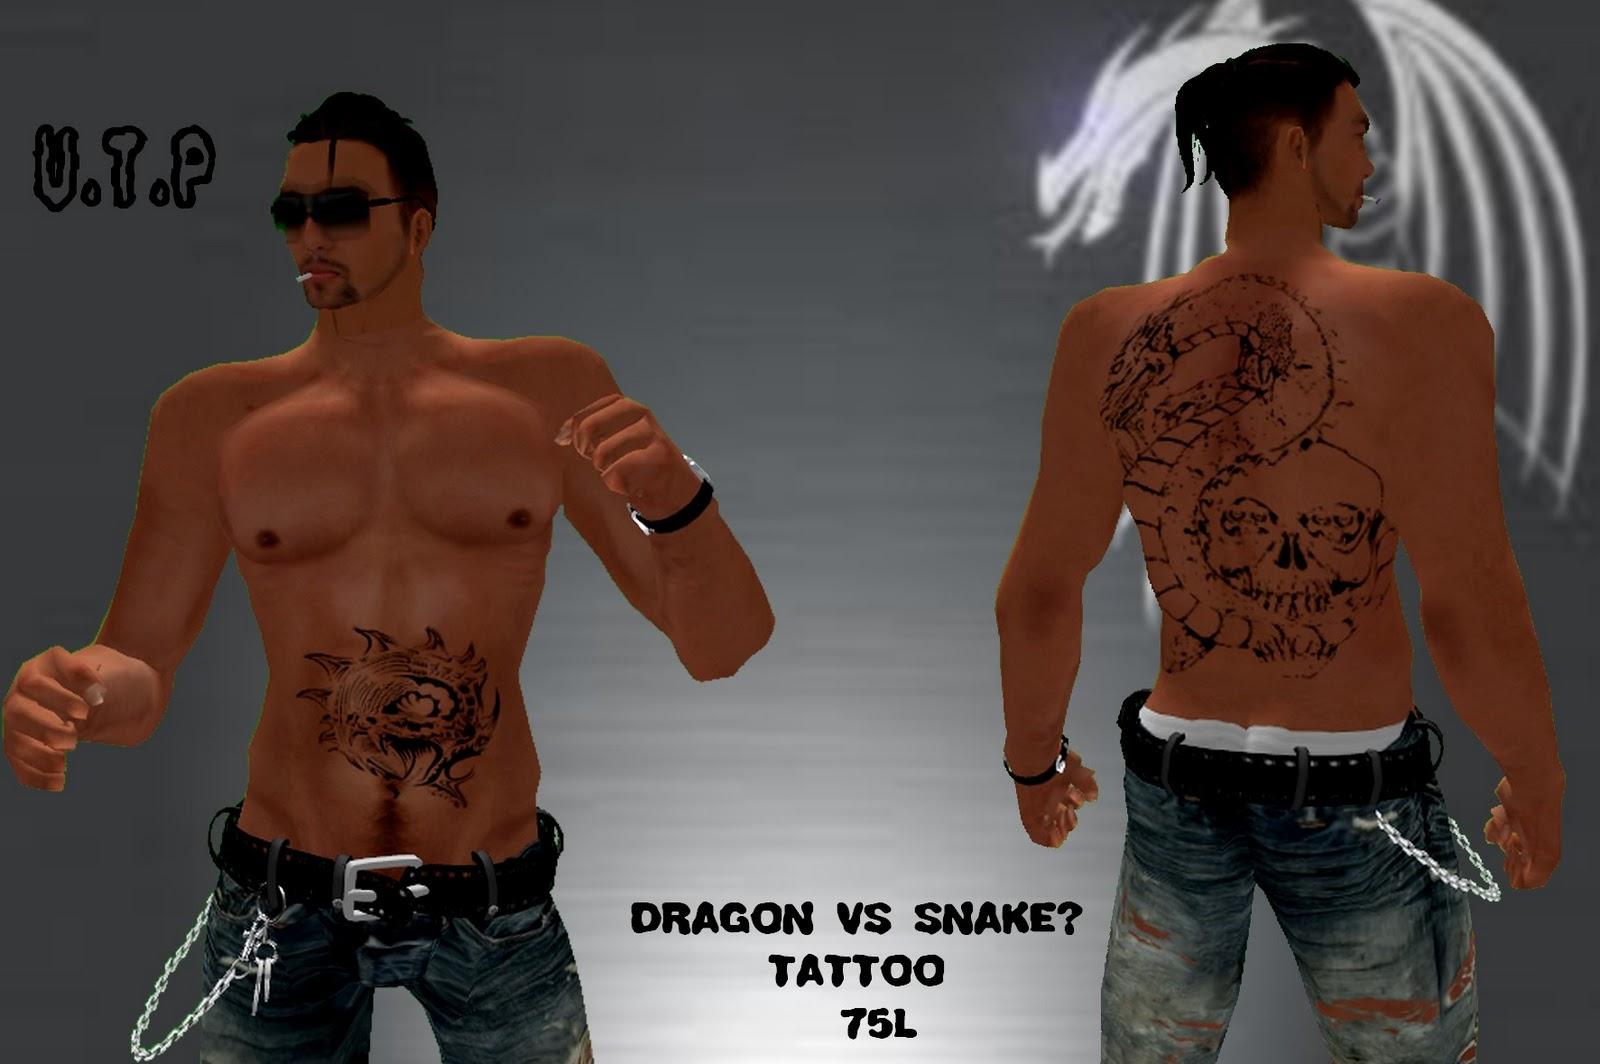 http://1.bp.blogspot.com/_LWUR9Y0JWkw/TO1XRnY6bvI/AAAAAAAAABc/Ee6LTyPeq7A/s1600/DRAGON+VS+SNAKE+TATTOO+PIC.jpg